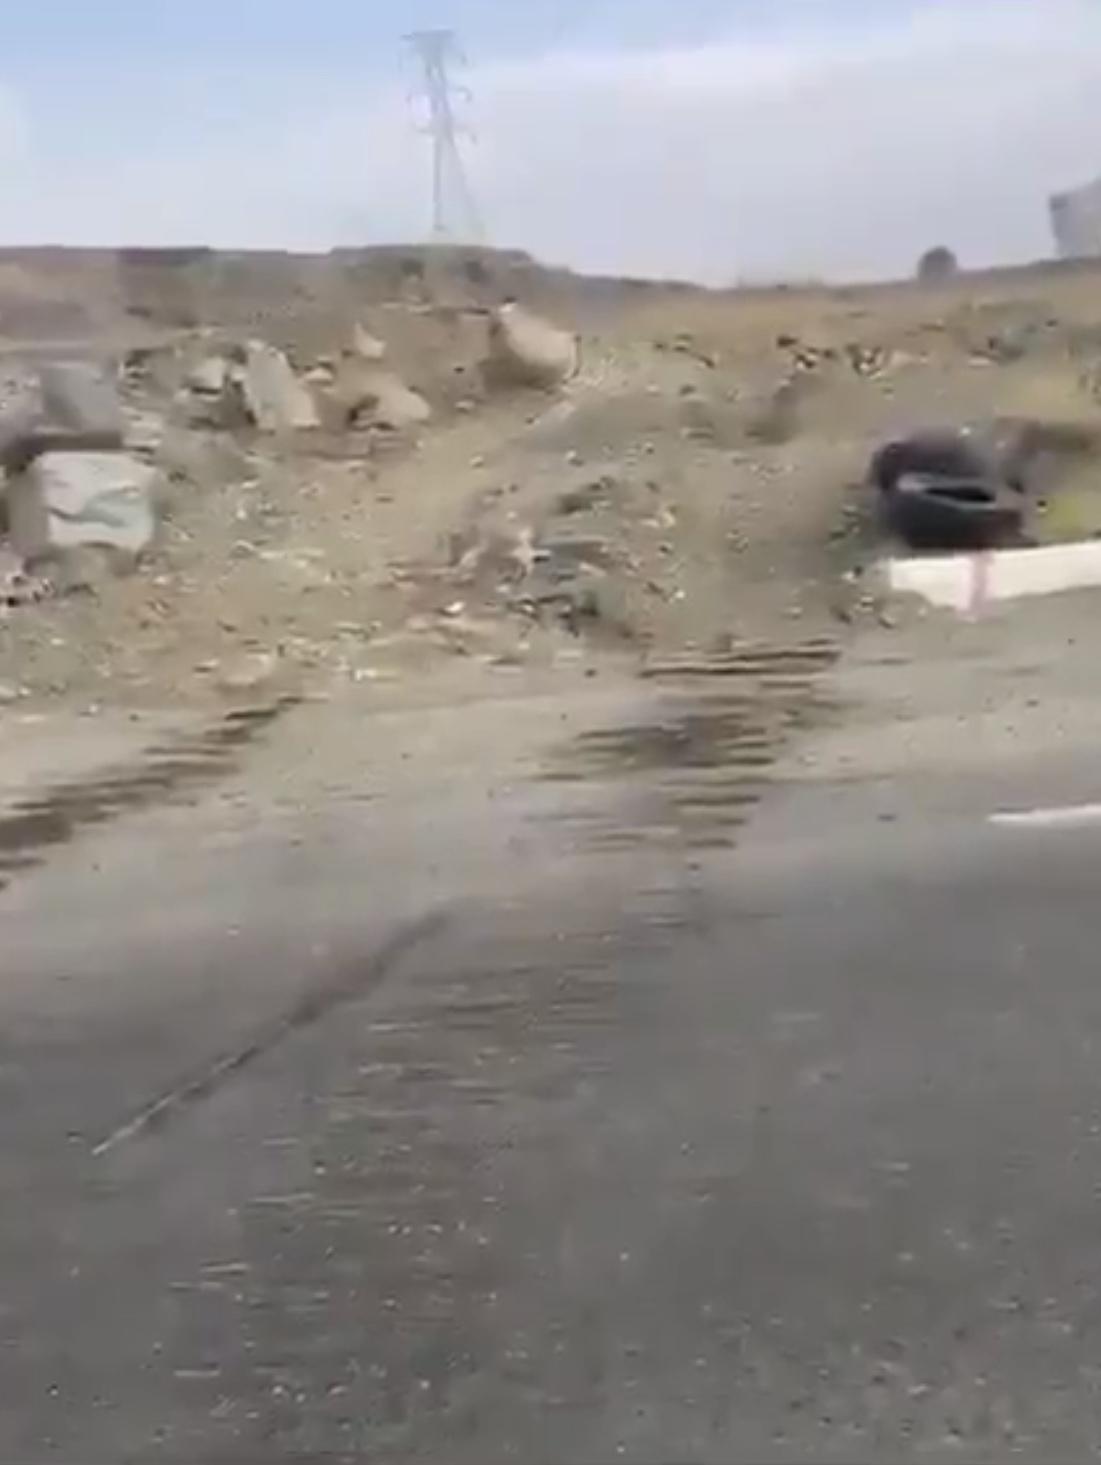 آلية ثقيله تهشم طريق المنسك - المواطن